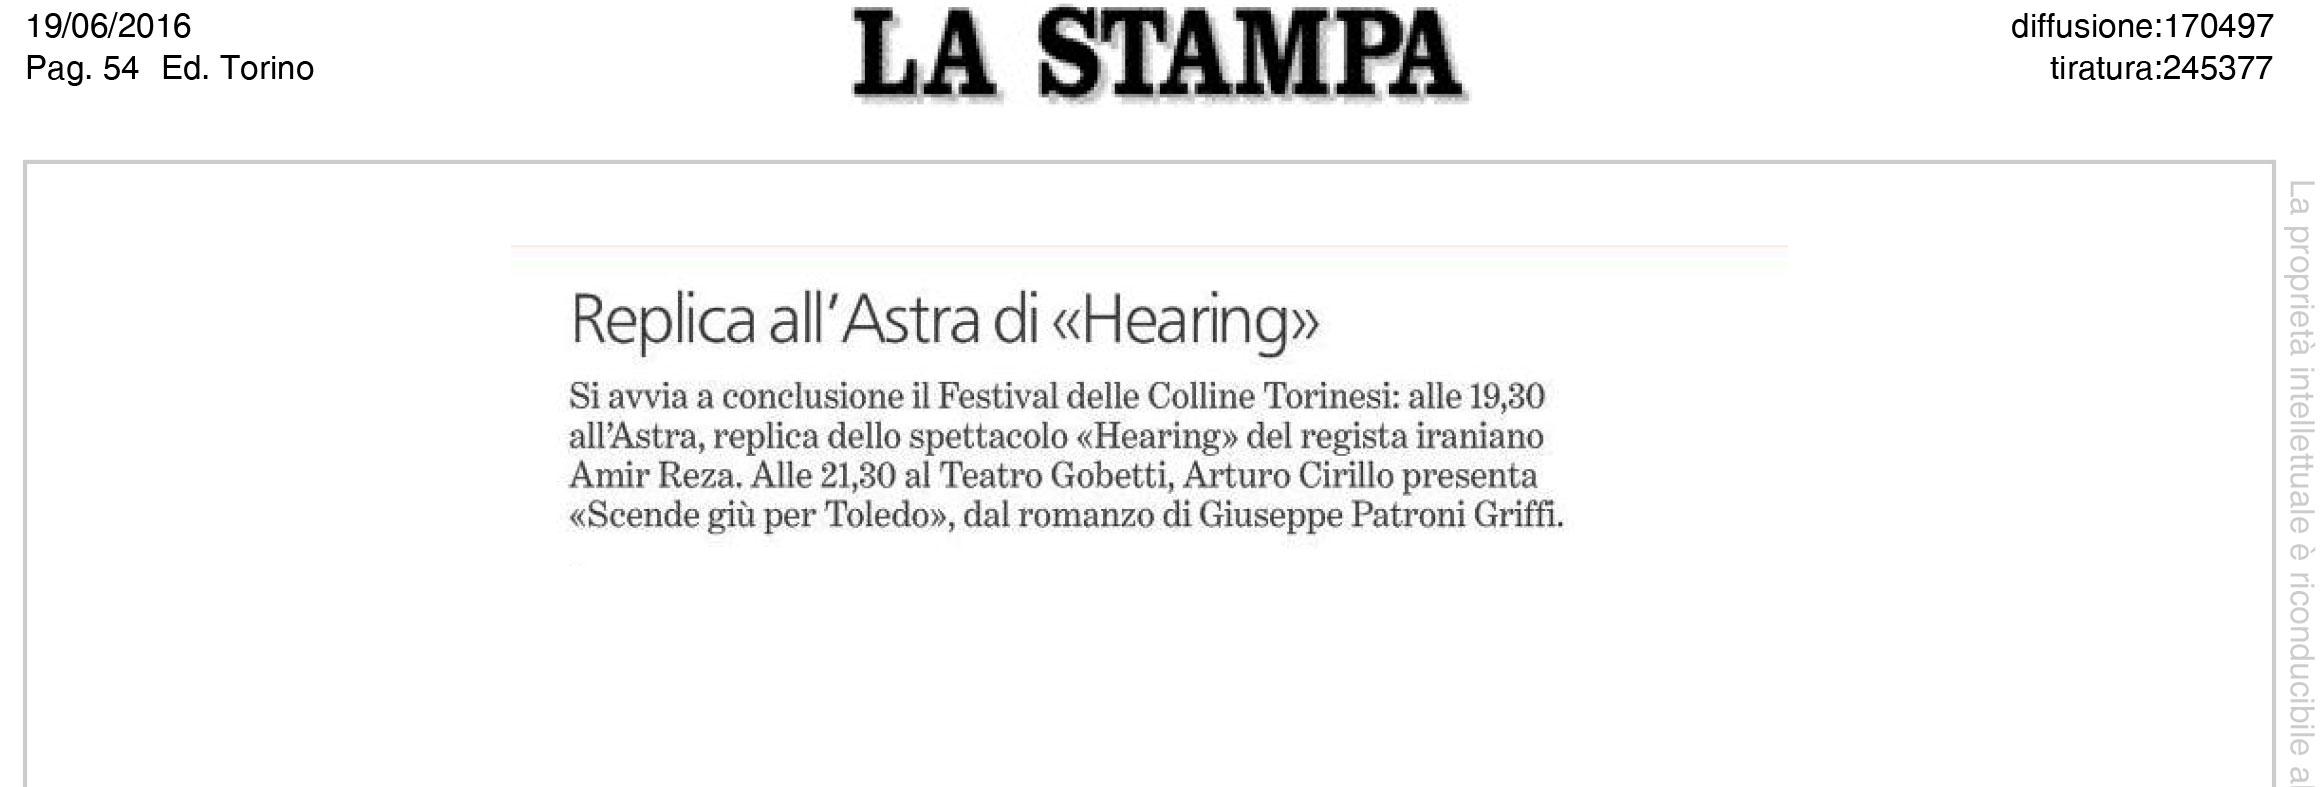 20160619_replica-all'Astra-di-Hearing_la-stampa